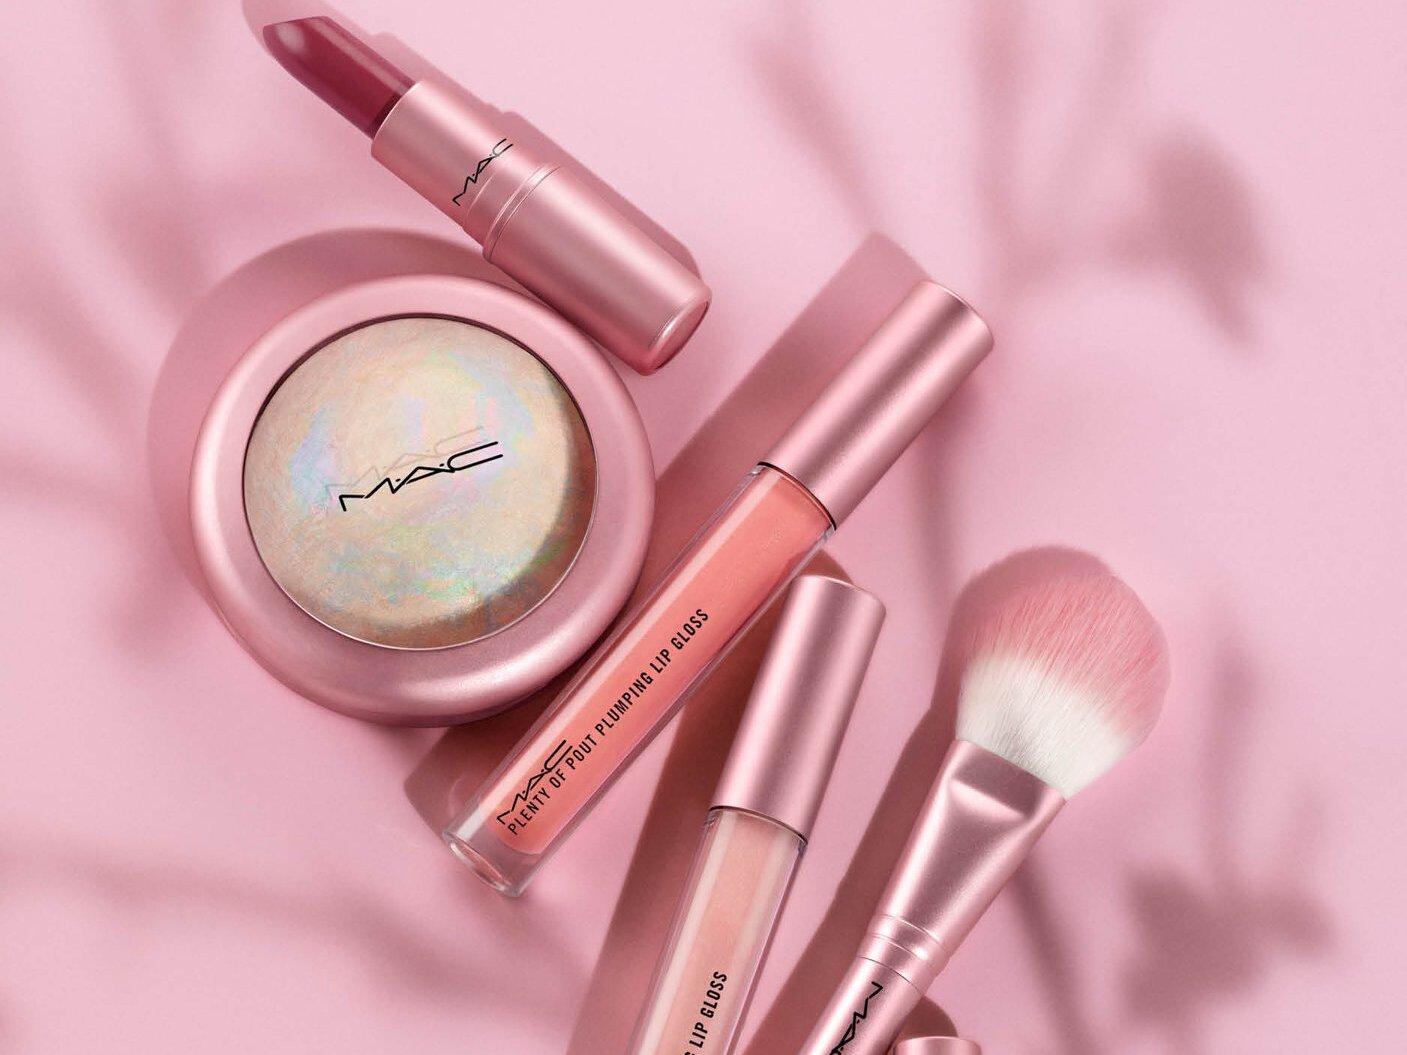 Mac Cosmetics Avvenice